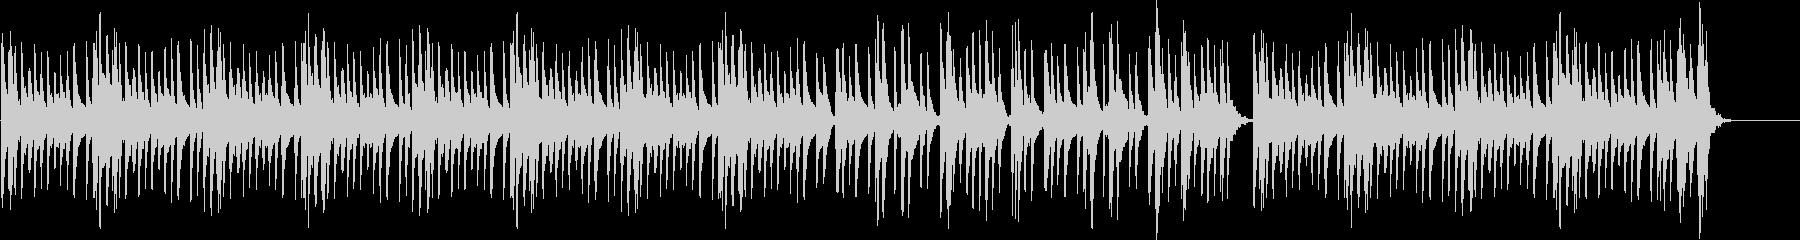 マリンバによるほのぼの日常系BGMの未再生の波形